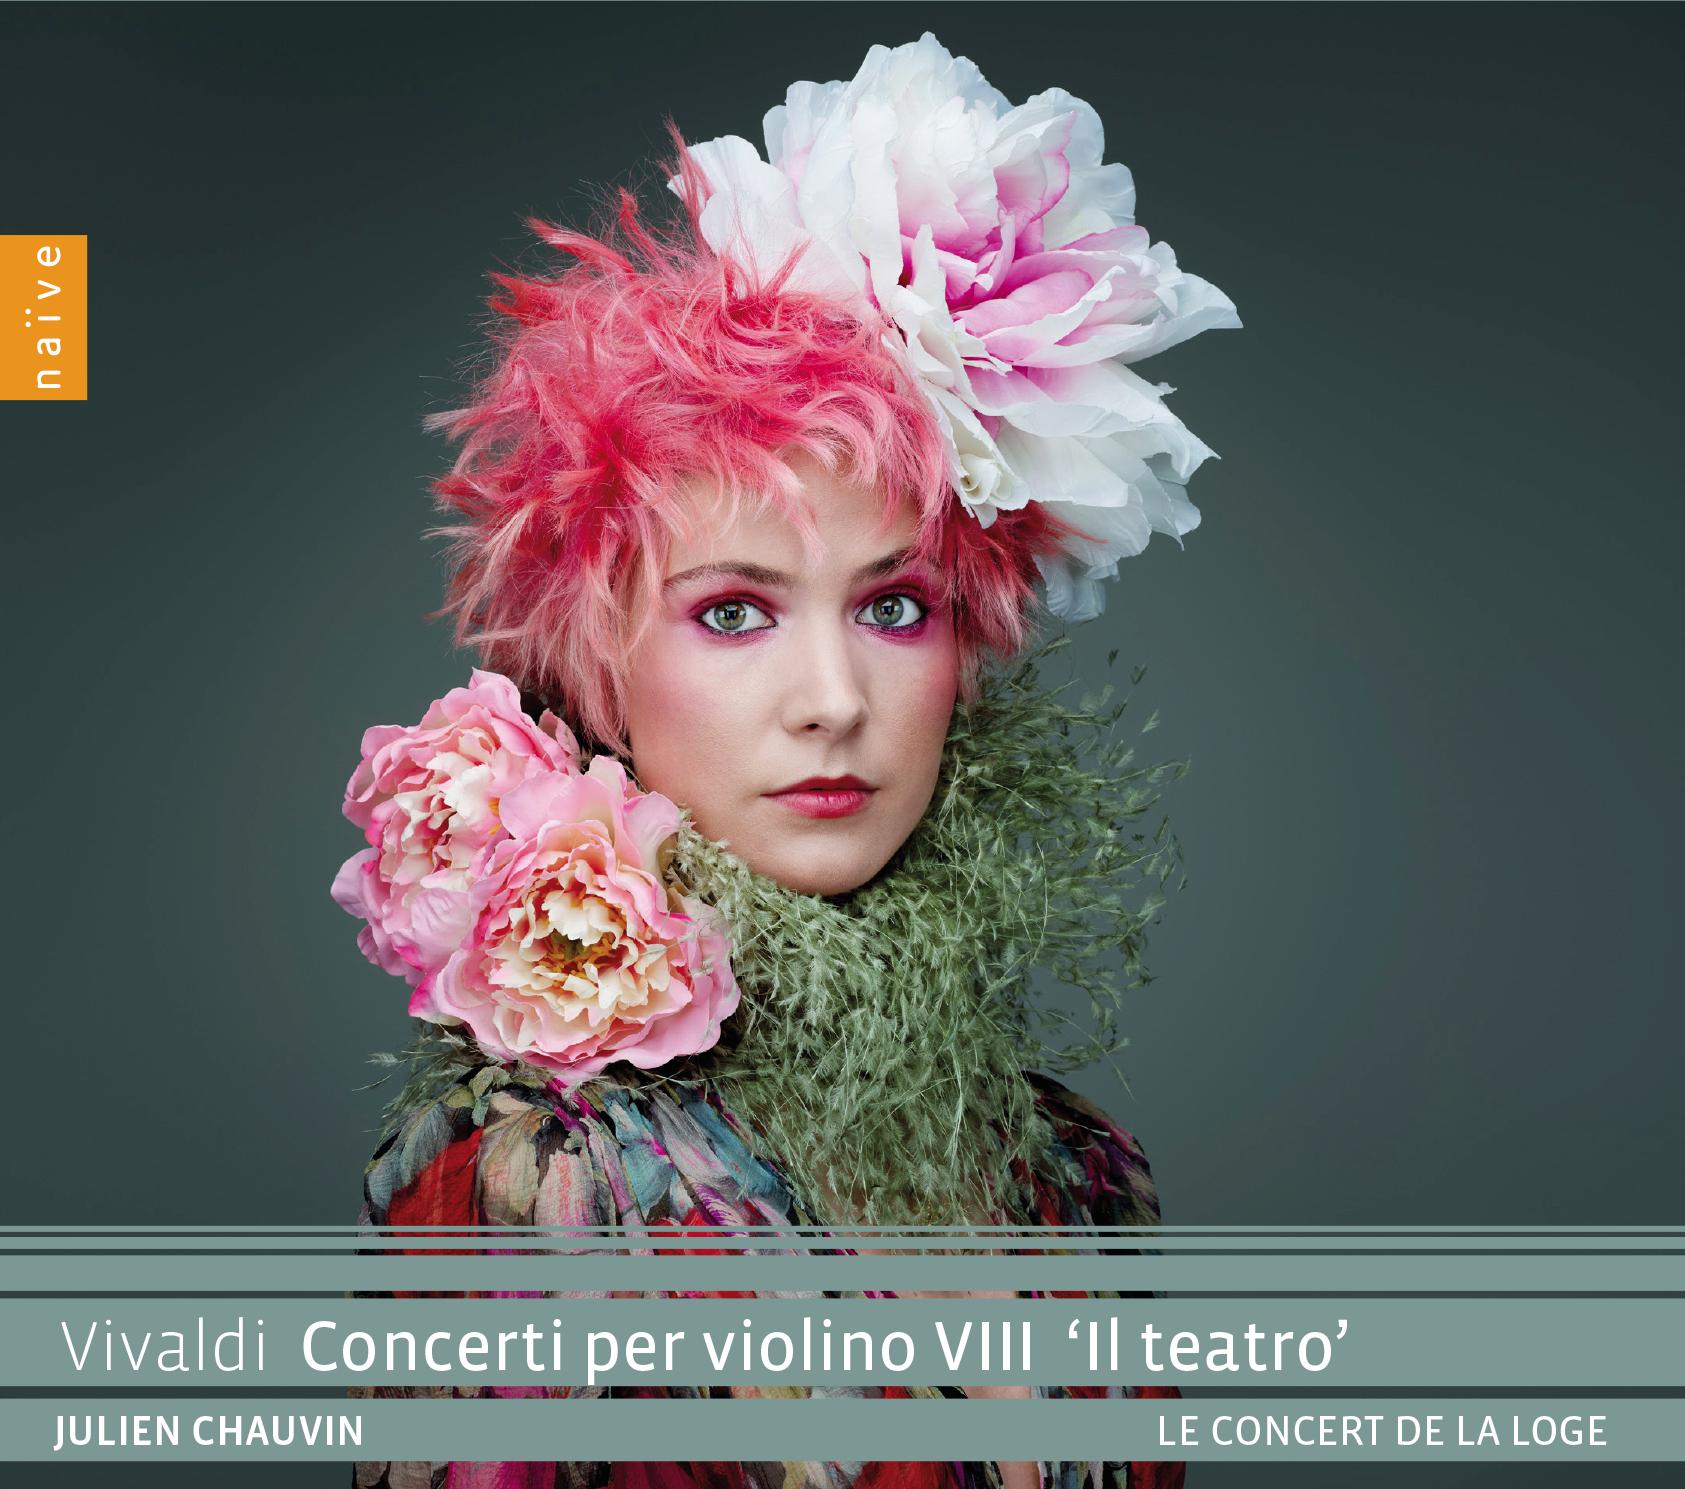 OP30585 Vivaldi Concerti per violino VIII.png